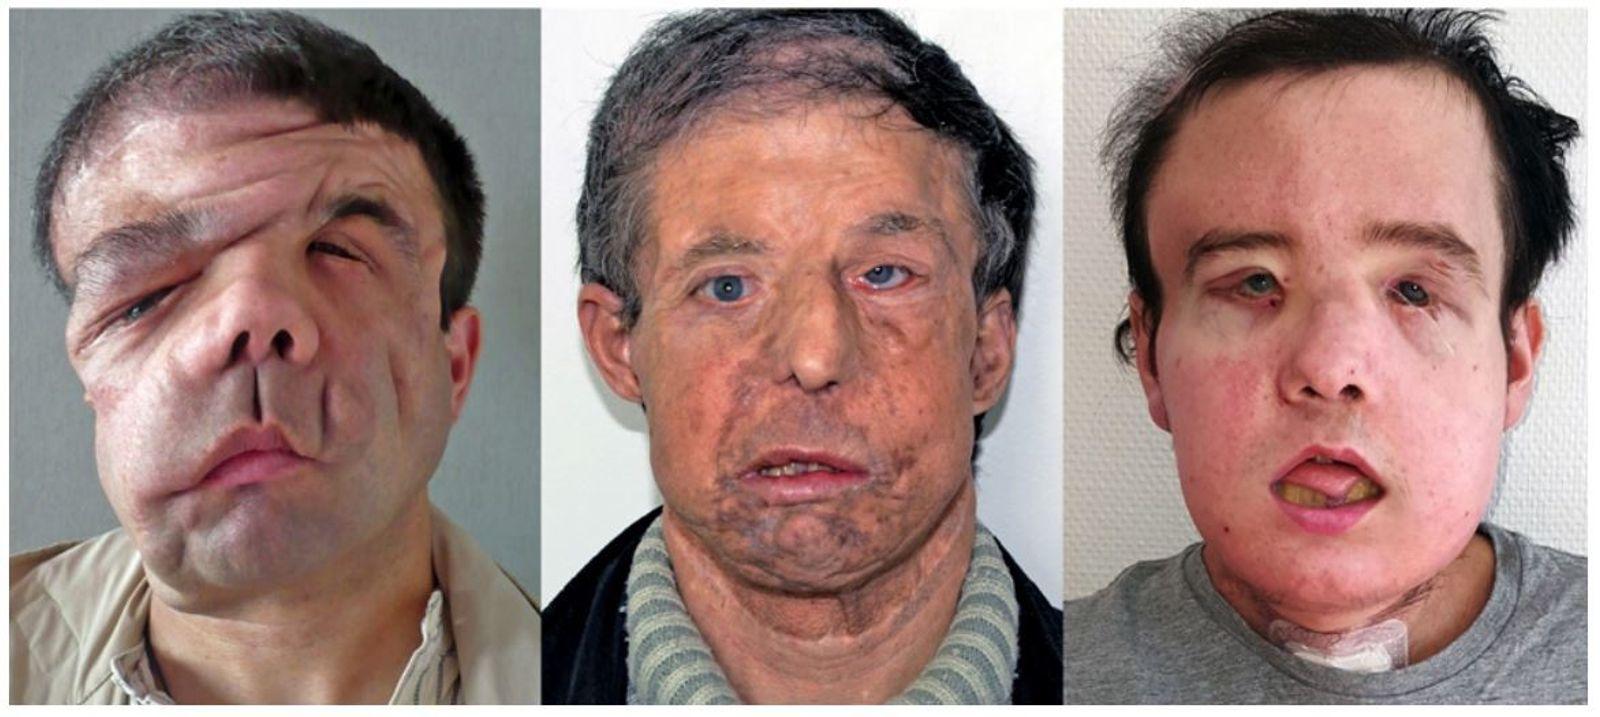 1 Jérôme Hamon avant sa première greffe de face, réalisée en 2010. Ses traits sont déformés ...